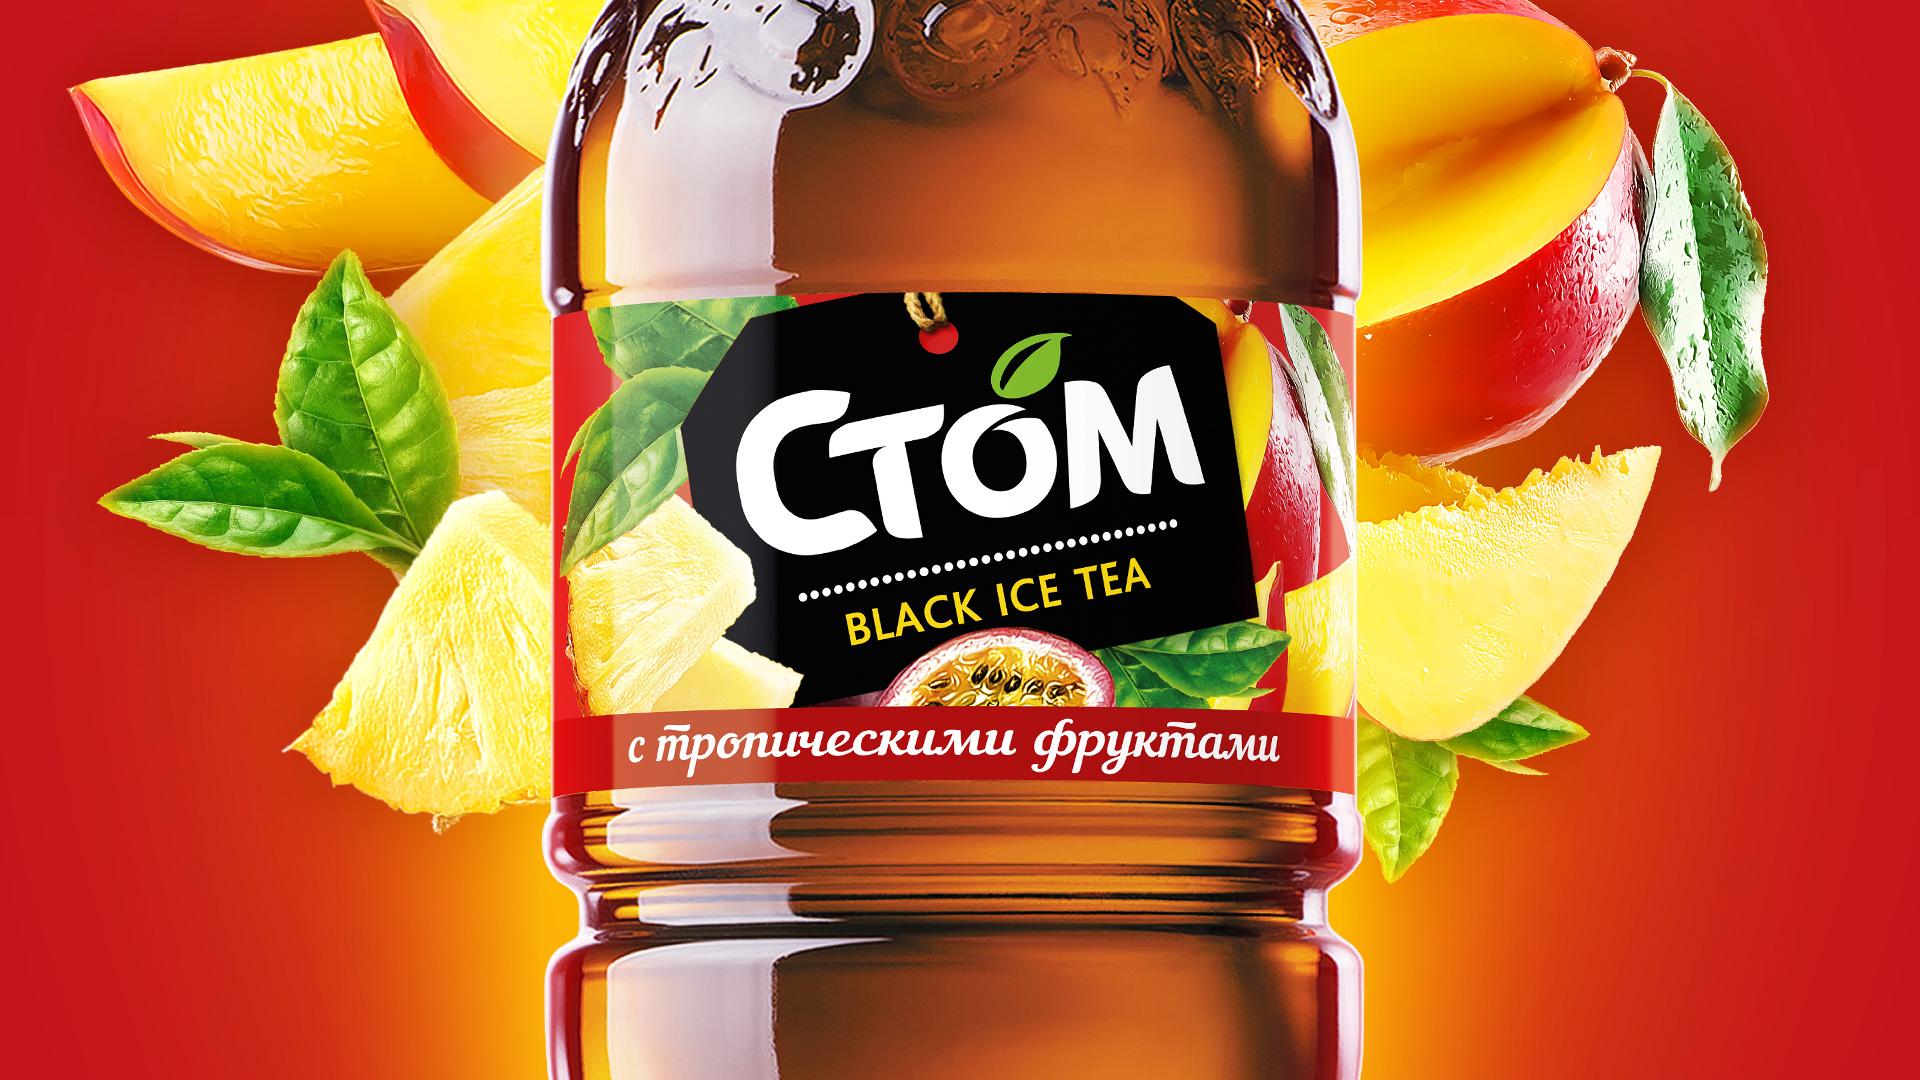 Редизайн, ребрендинг, манго, ананас, чмв, холодный чай, чай стом, дизайн товарной марки, дизайн этикетки, Асгард, tropic, red, экзотика, тропик чай